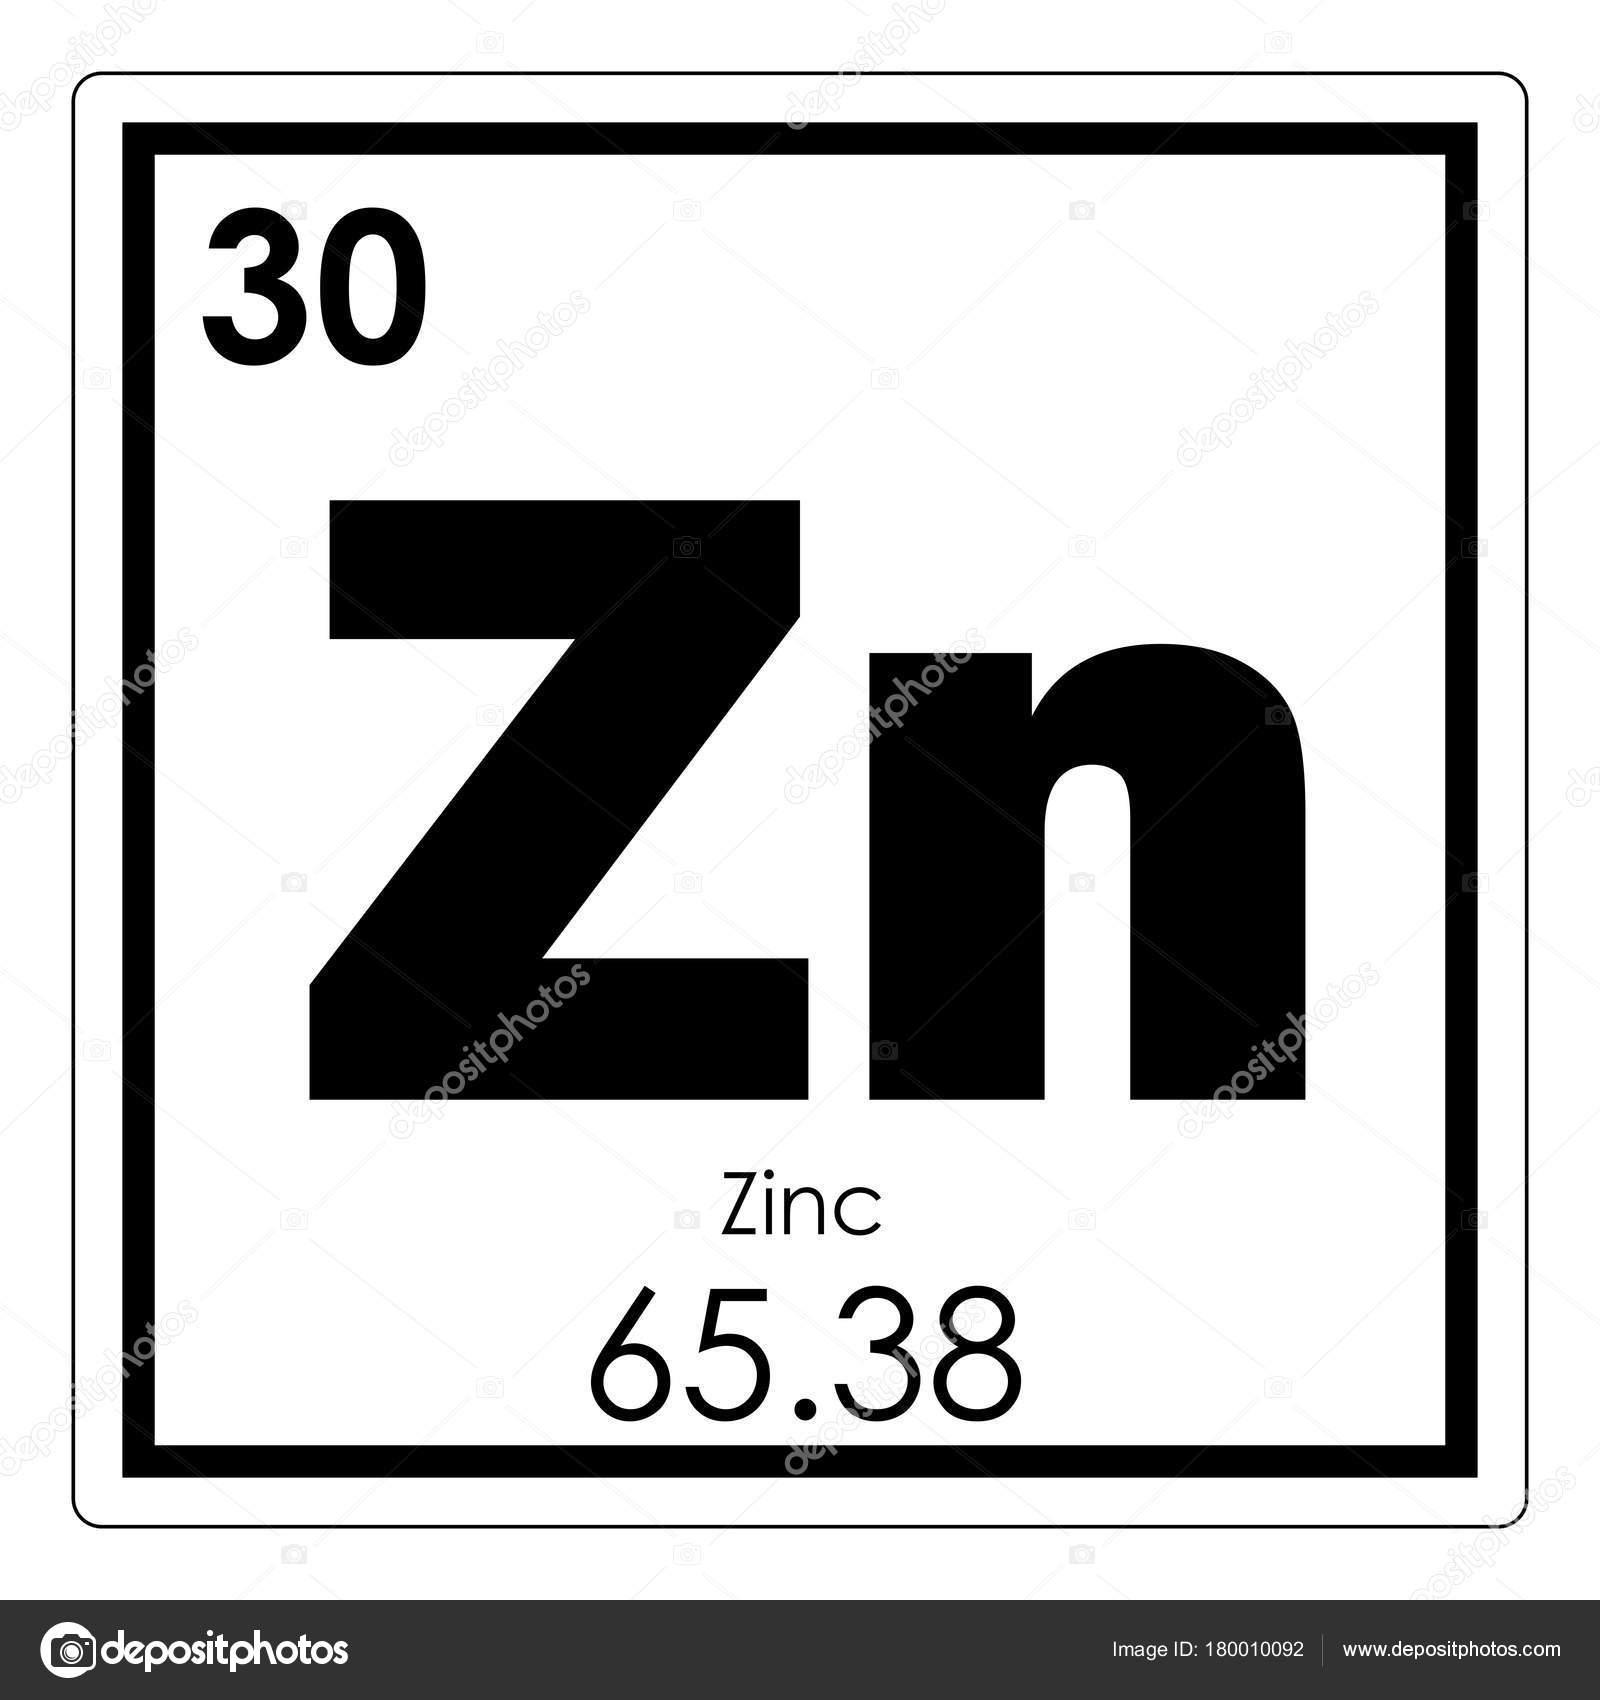 Elemento qumico del cinc fotos de stock tony4urban 180010092 smbolo de la ciencia de zinc elemento qumico tabla peridica foto de tony4urban urtaz Images